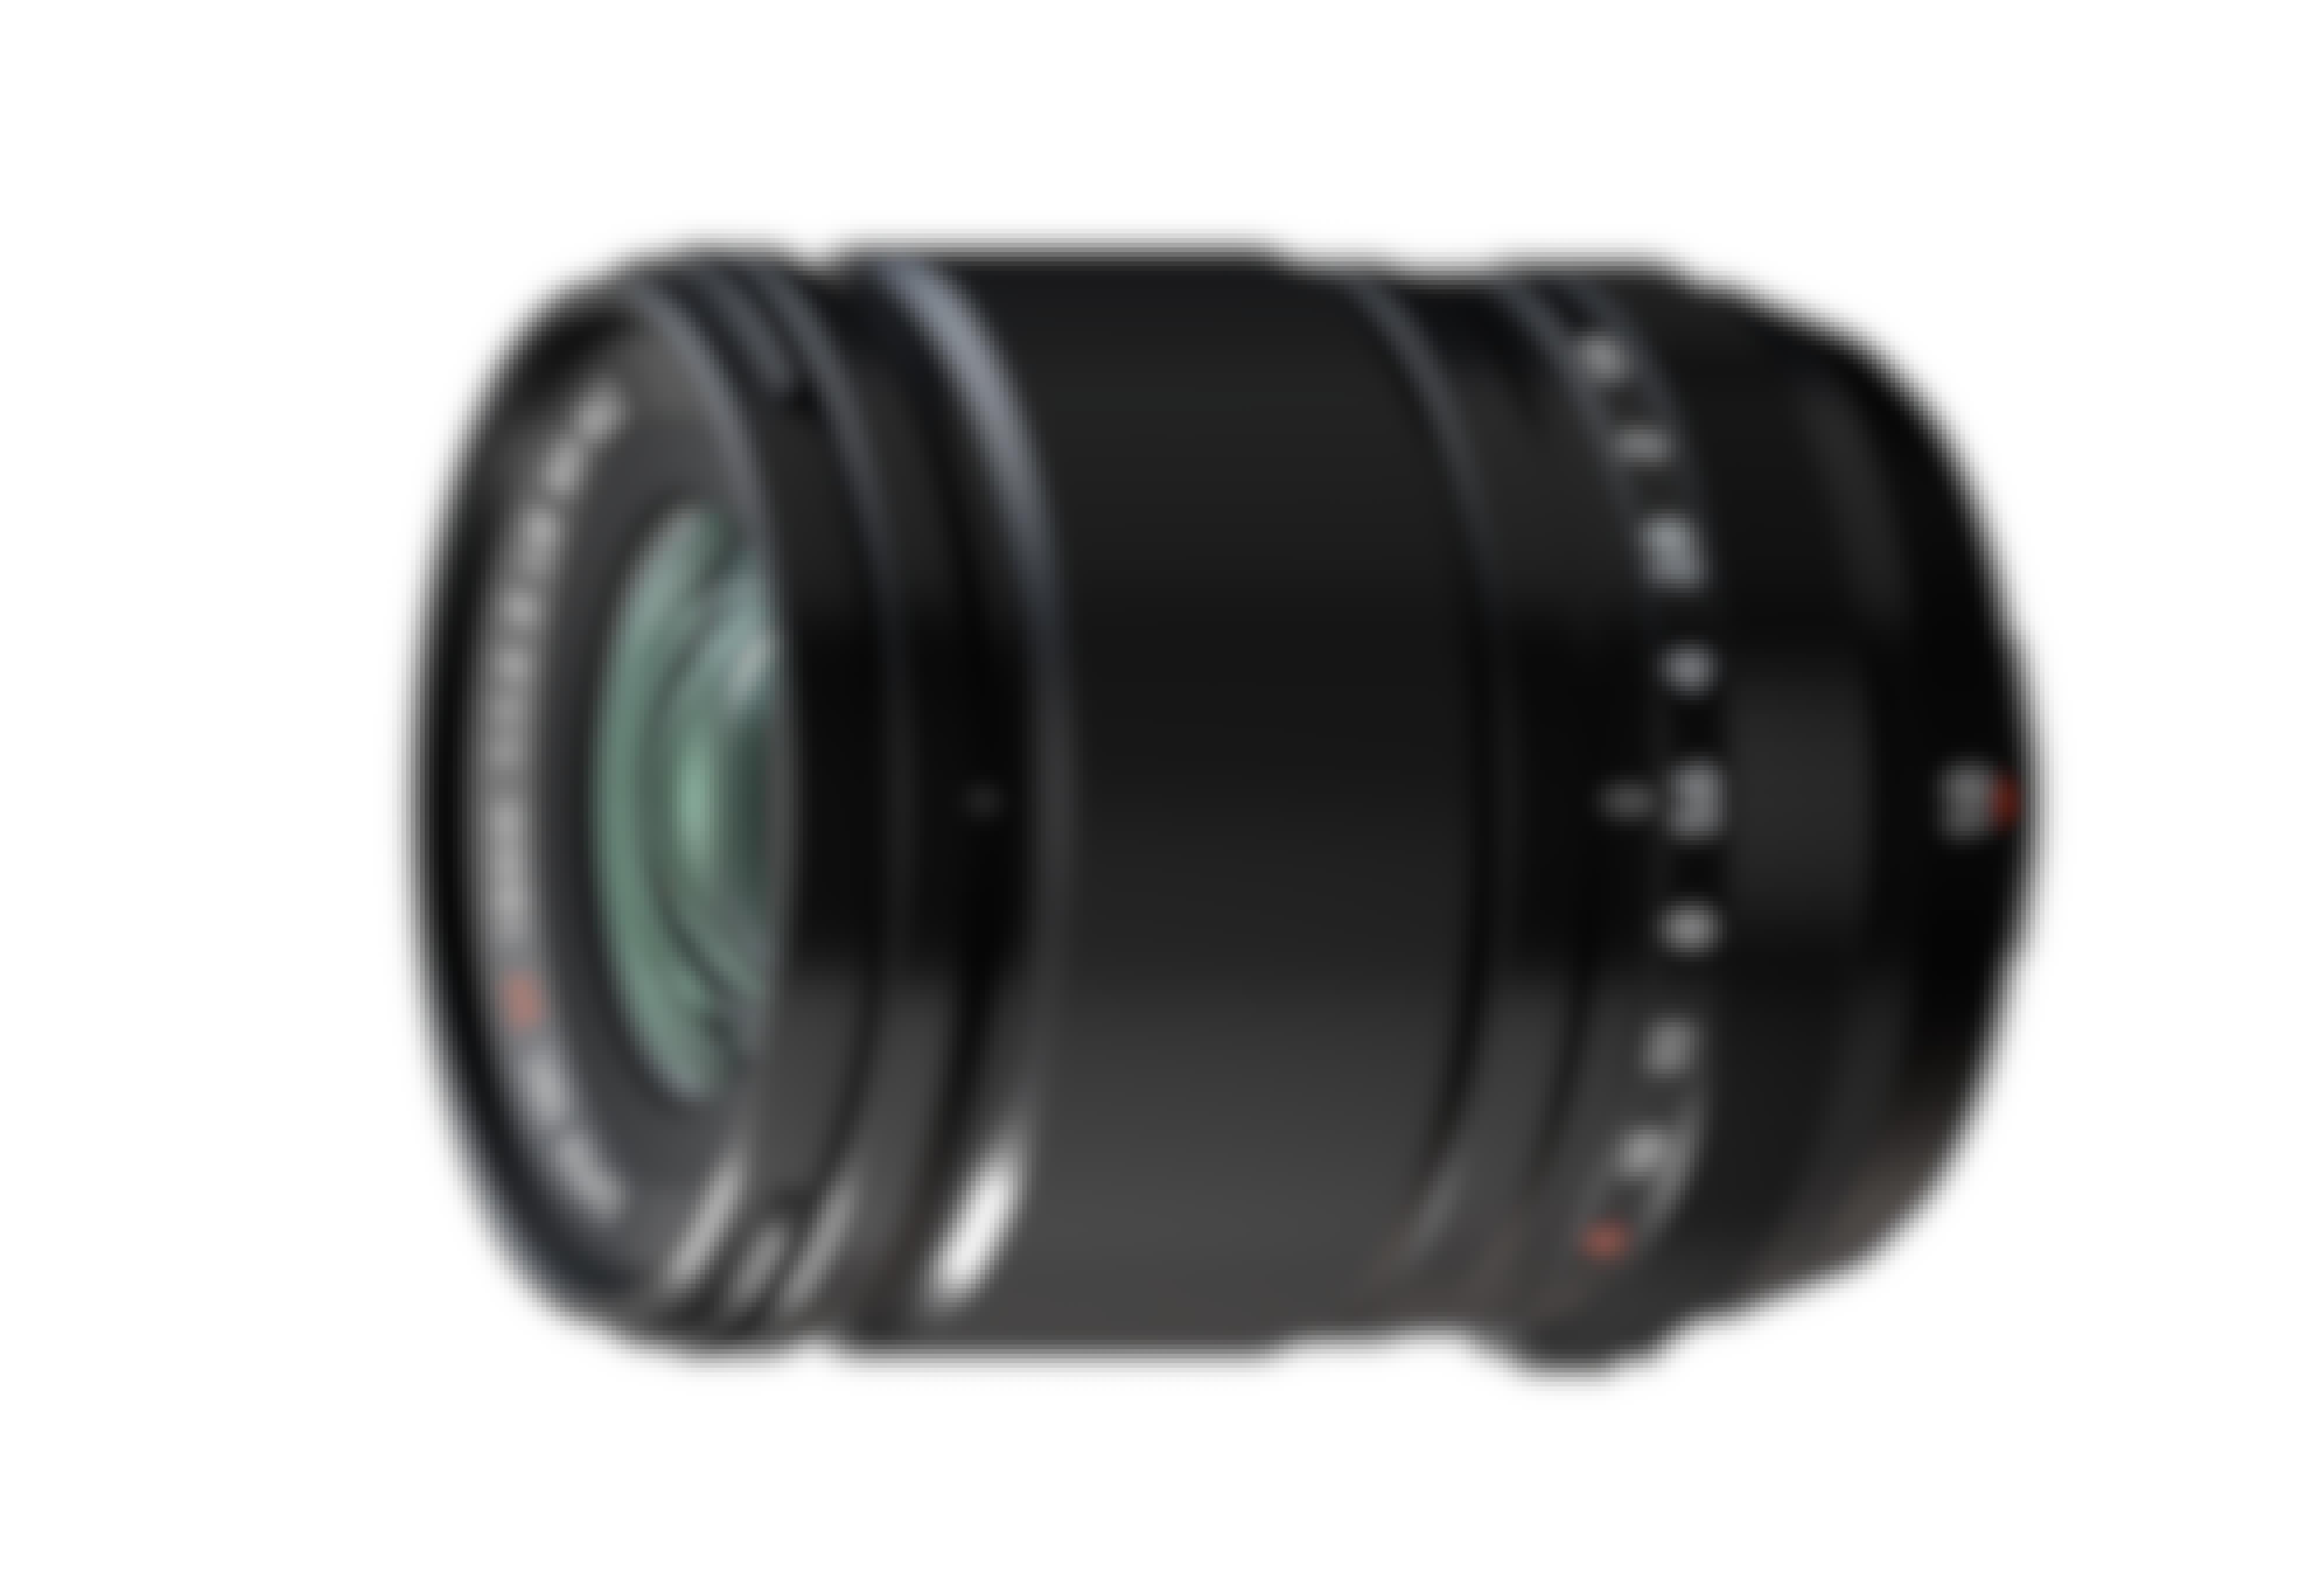 Fujifilm Fujinon XF 18mm F1.4R LM WR